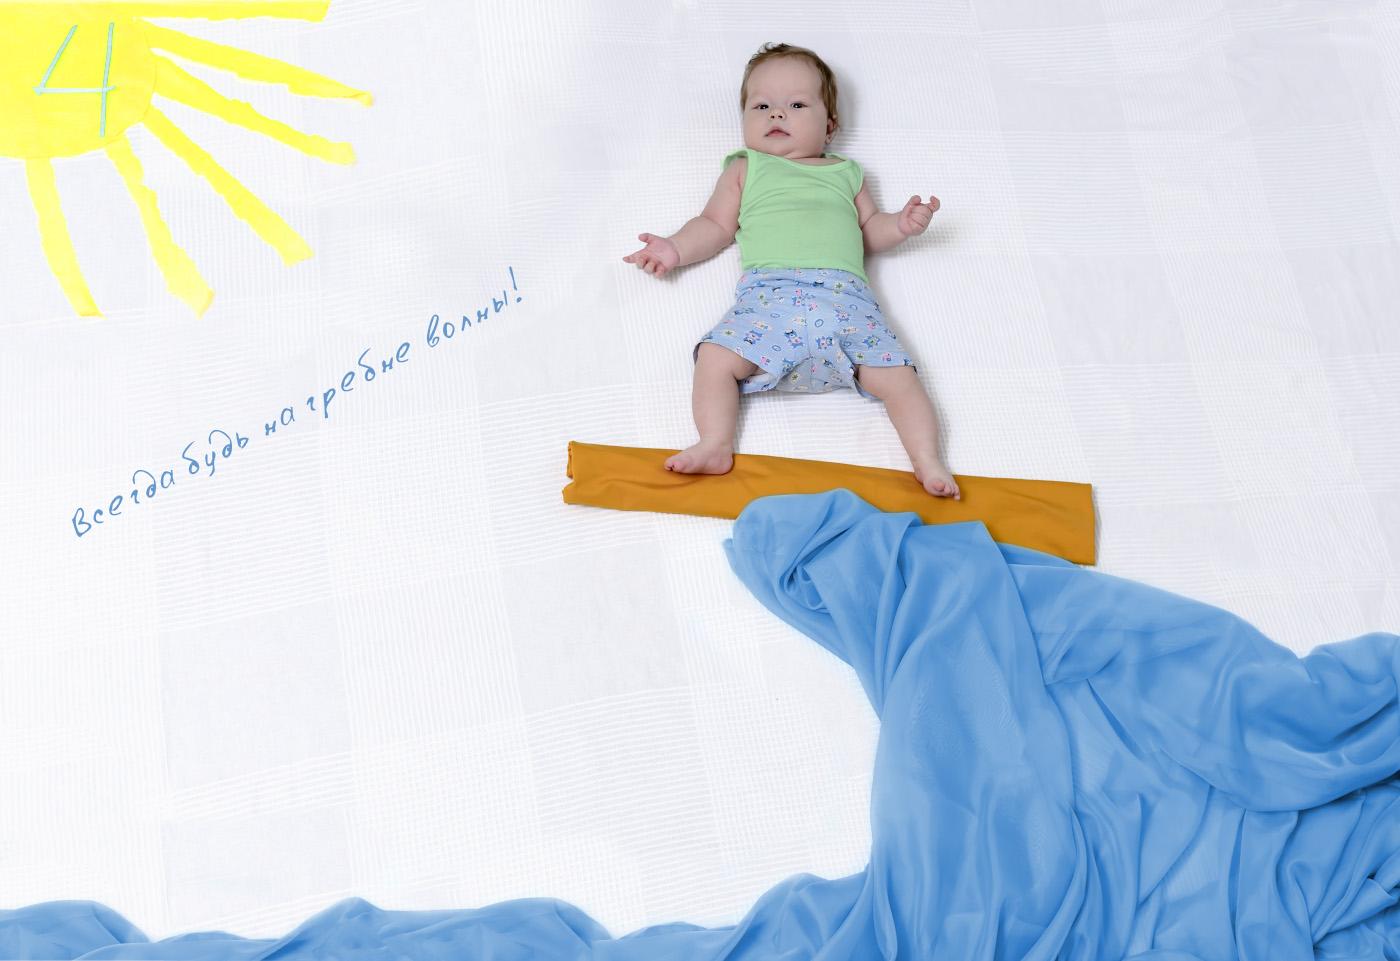 Фотография 25. Необычная фотосессия с младенцем в 5 месяцев.